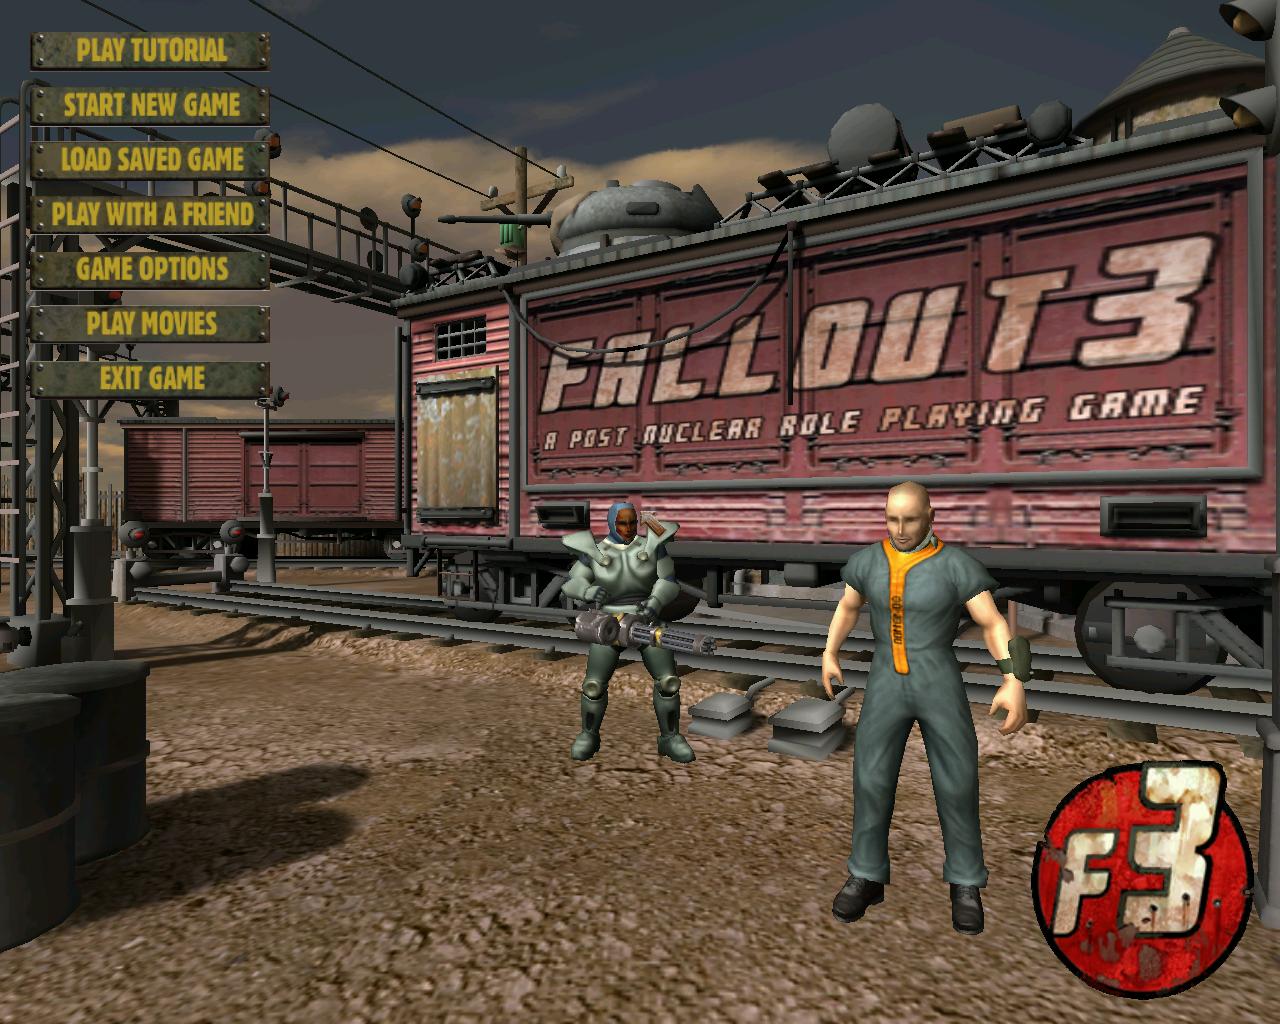 Все гиперссылки ведут к файлу играбельного технического демо Fallout 3